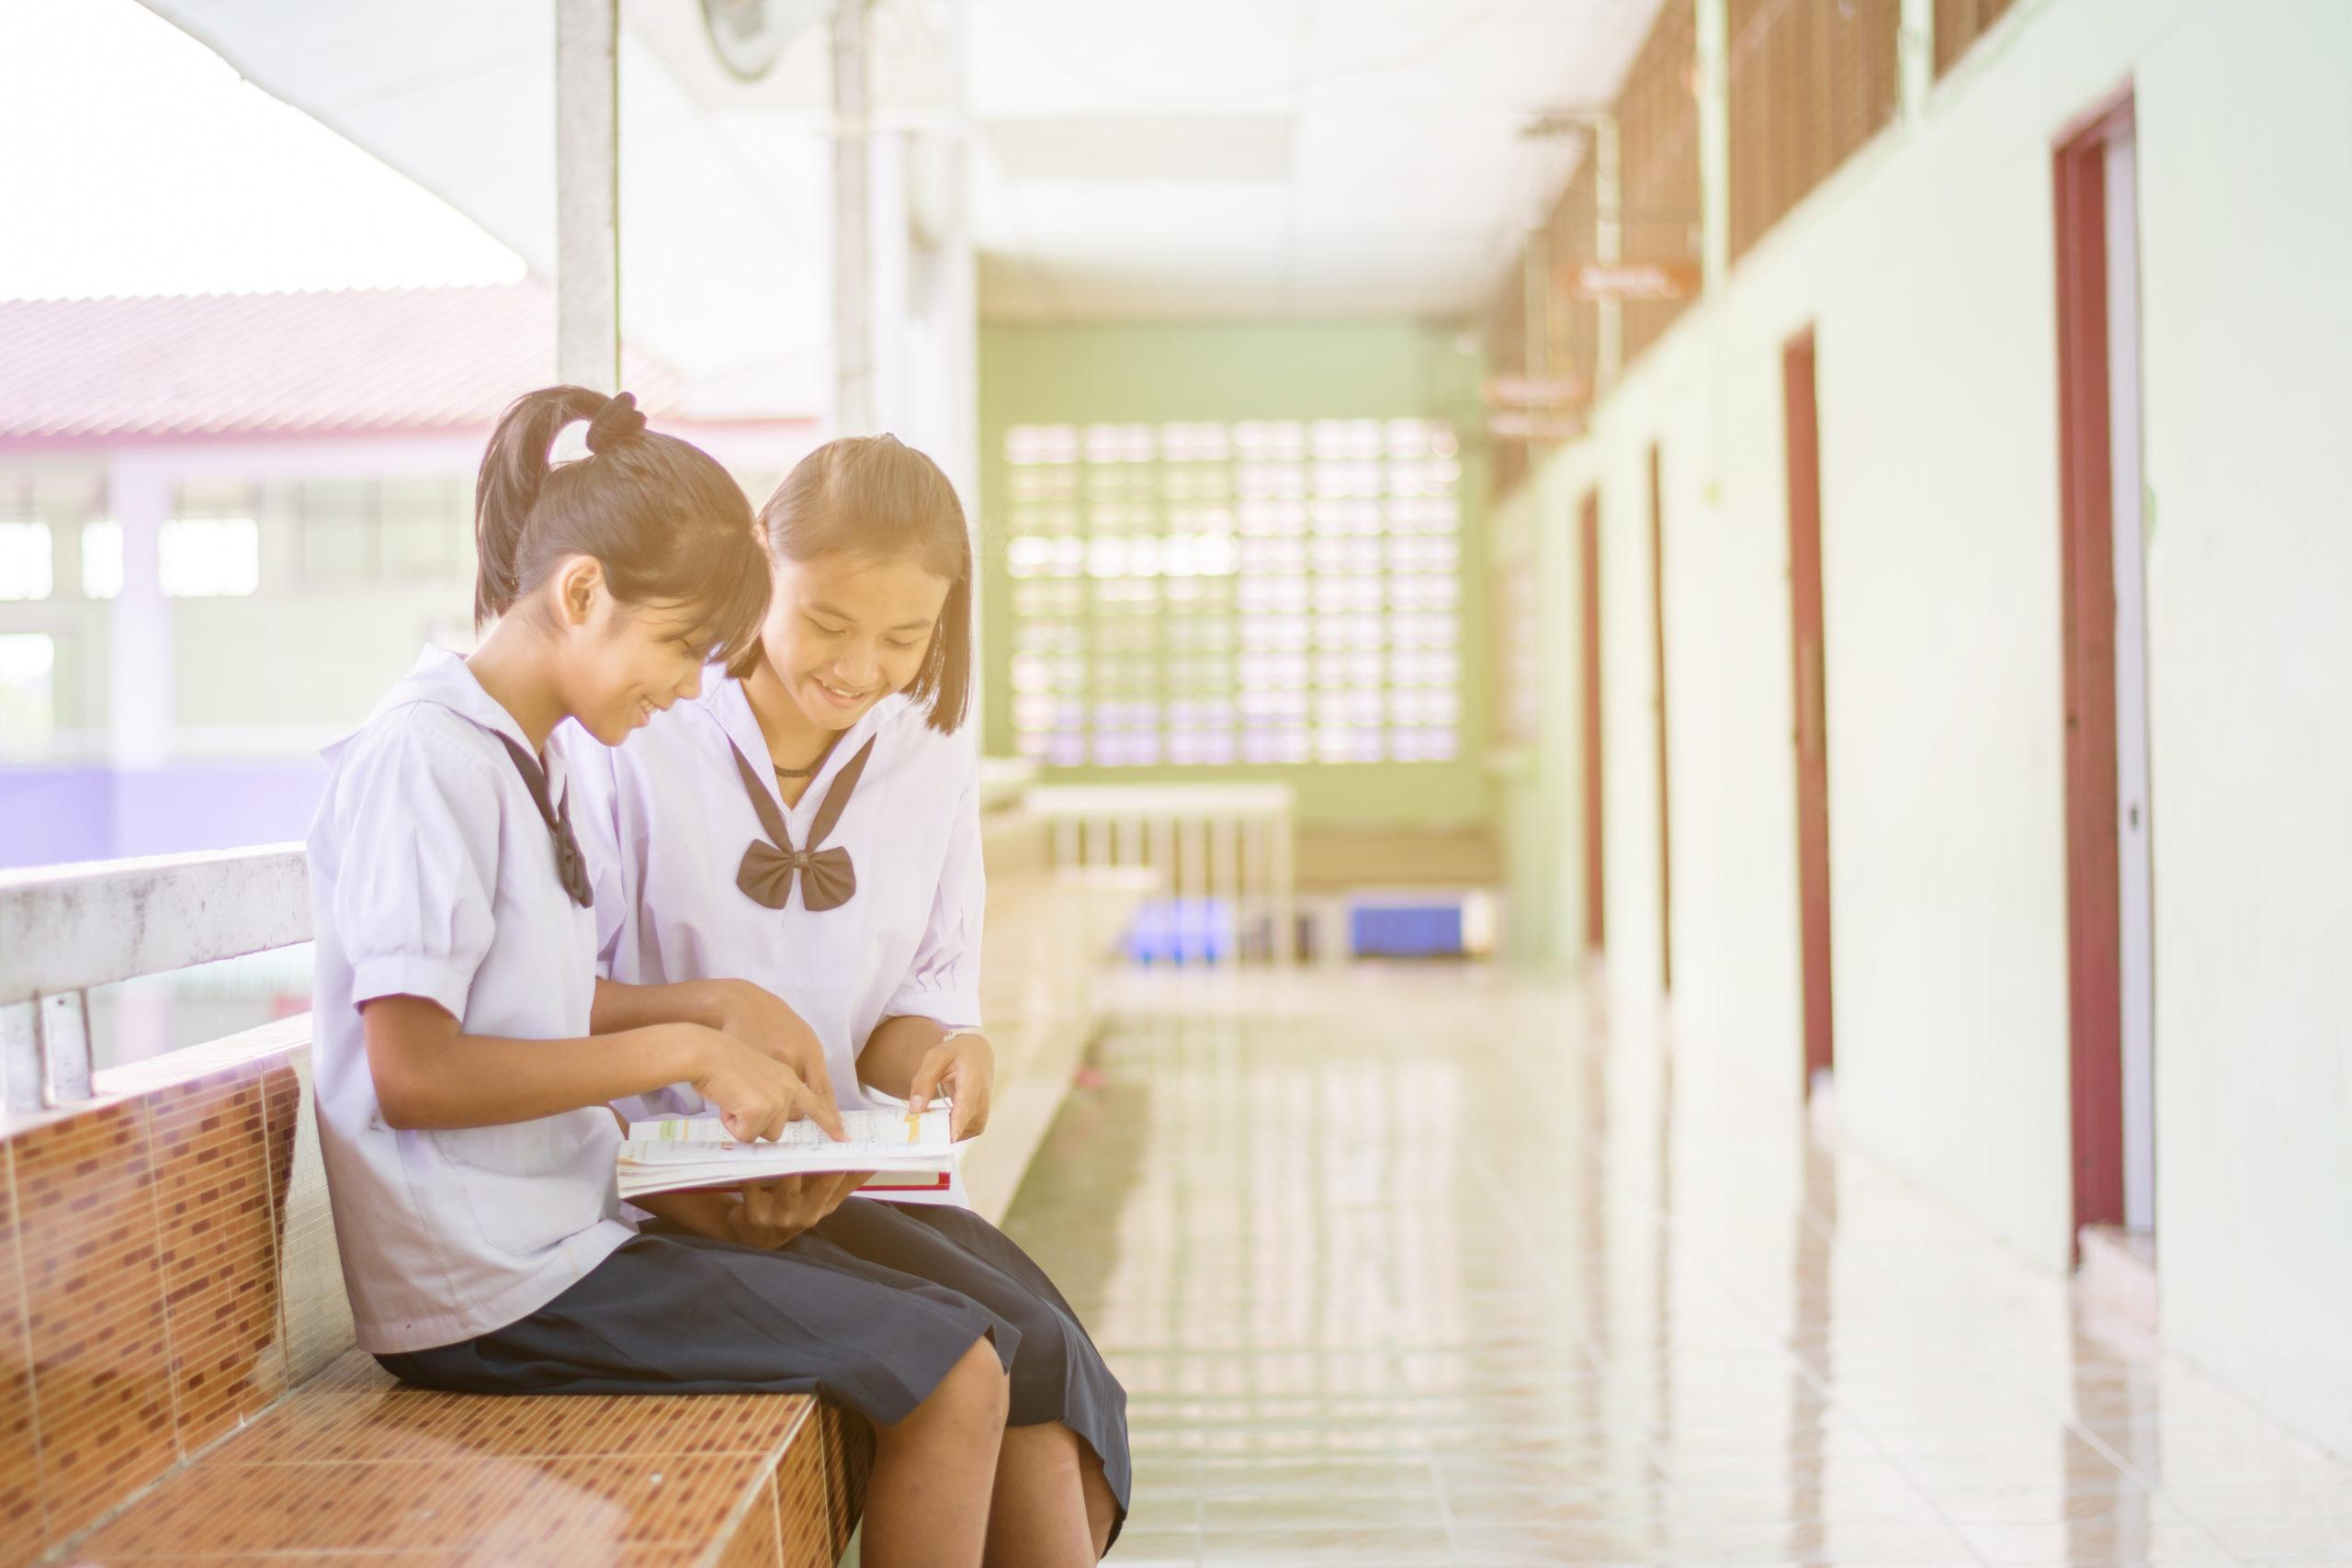 เหตุผลที่ต้องเรียนภาษาไทย ที่เราควรรู้